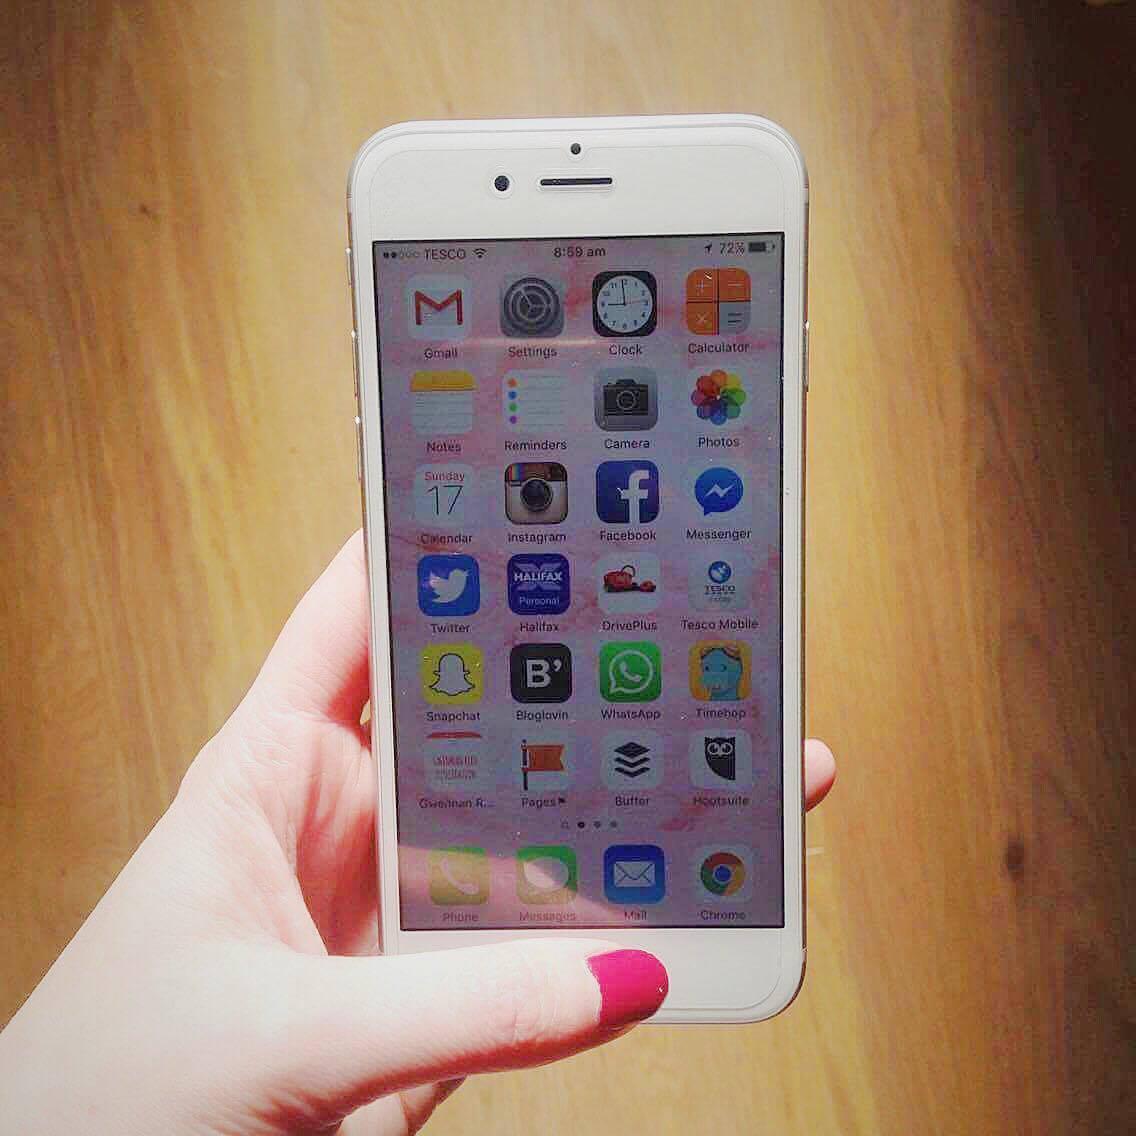 My new iPhone 6.